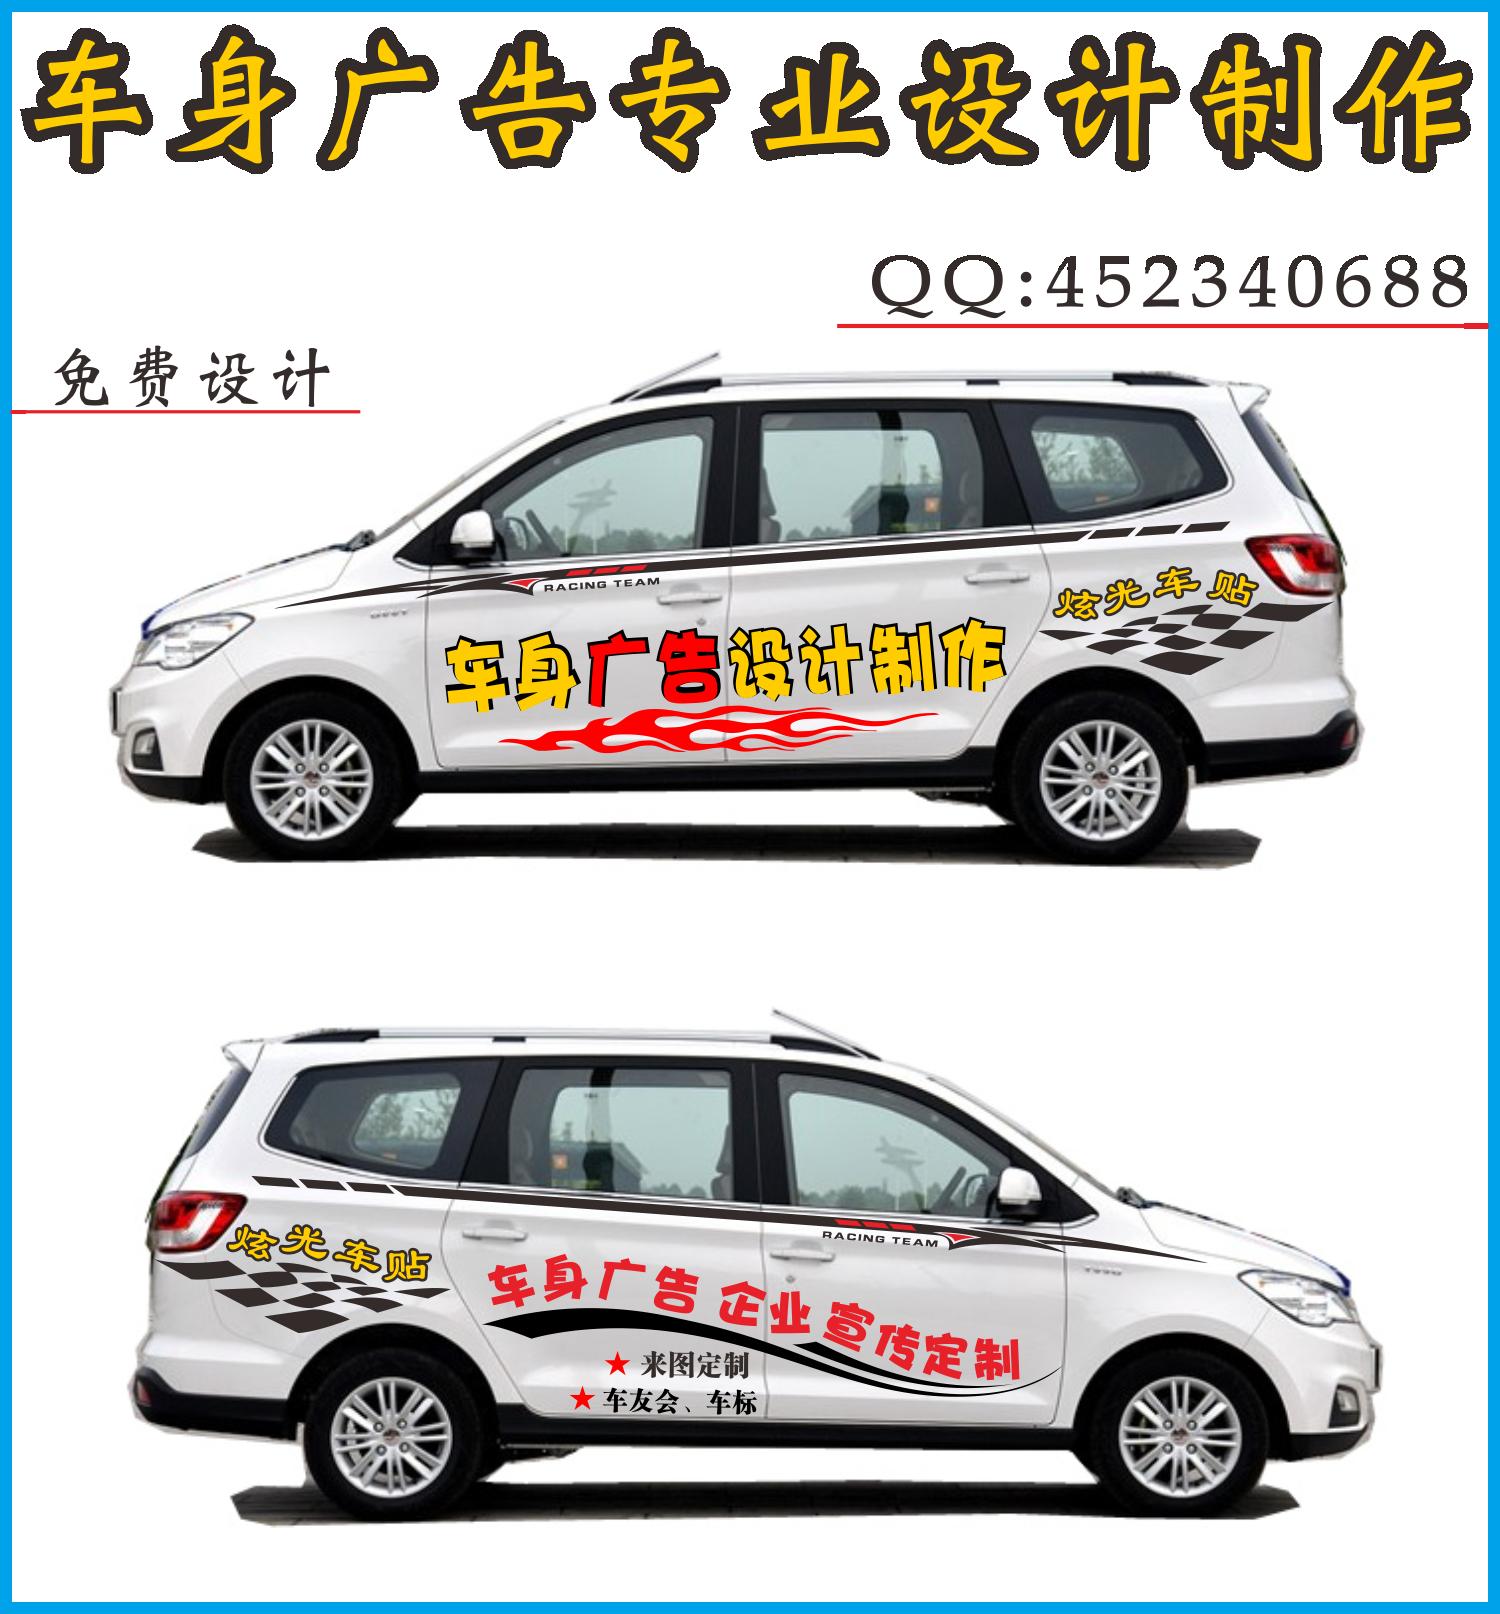 面包车汽车身广告设计定制定做后挡玻璃窗车体广告贴纸车友会车贴